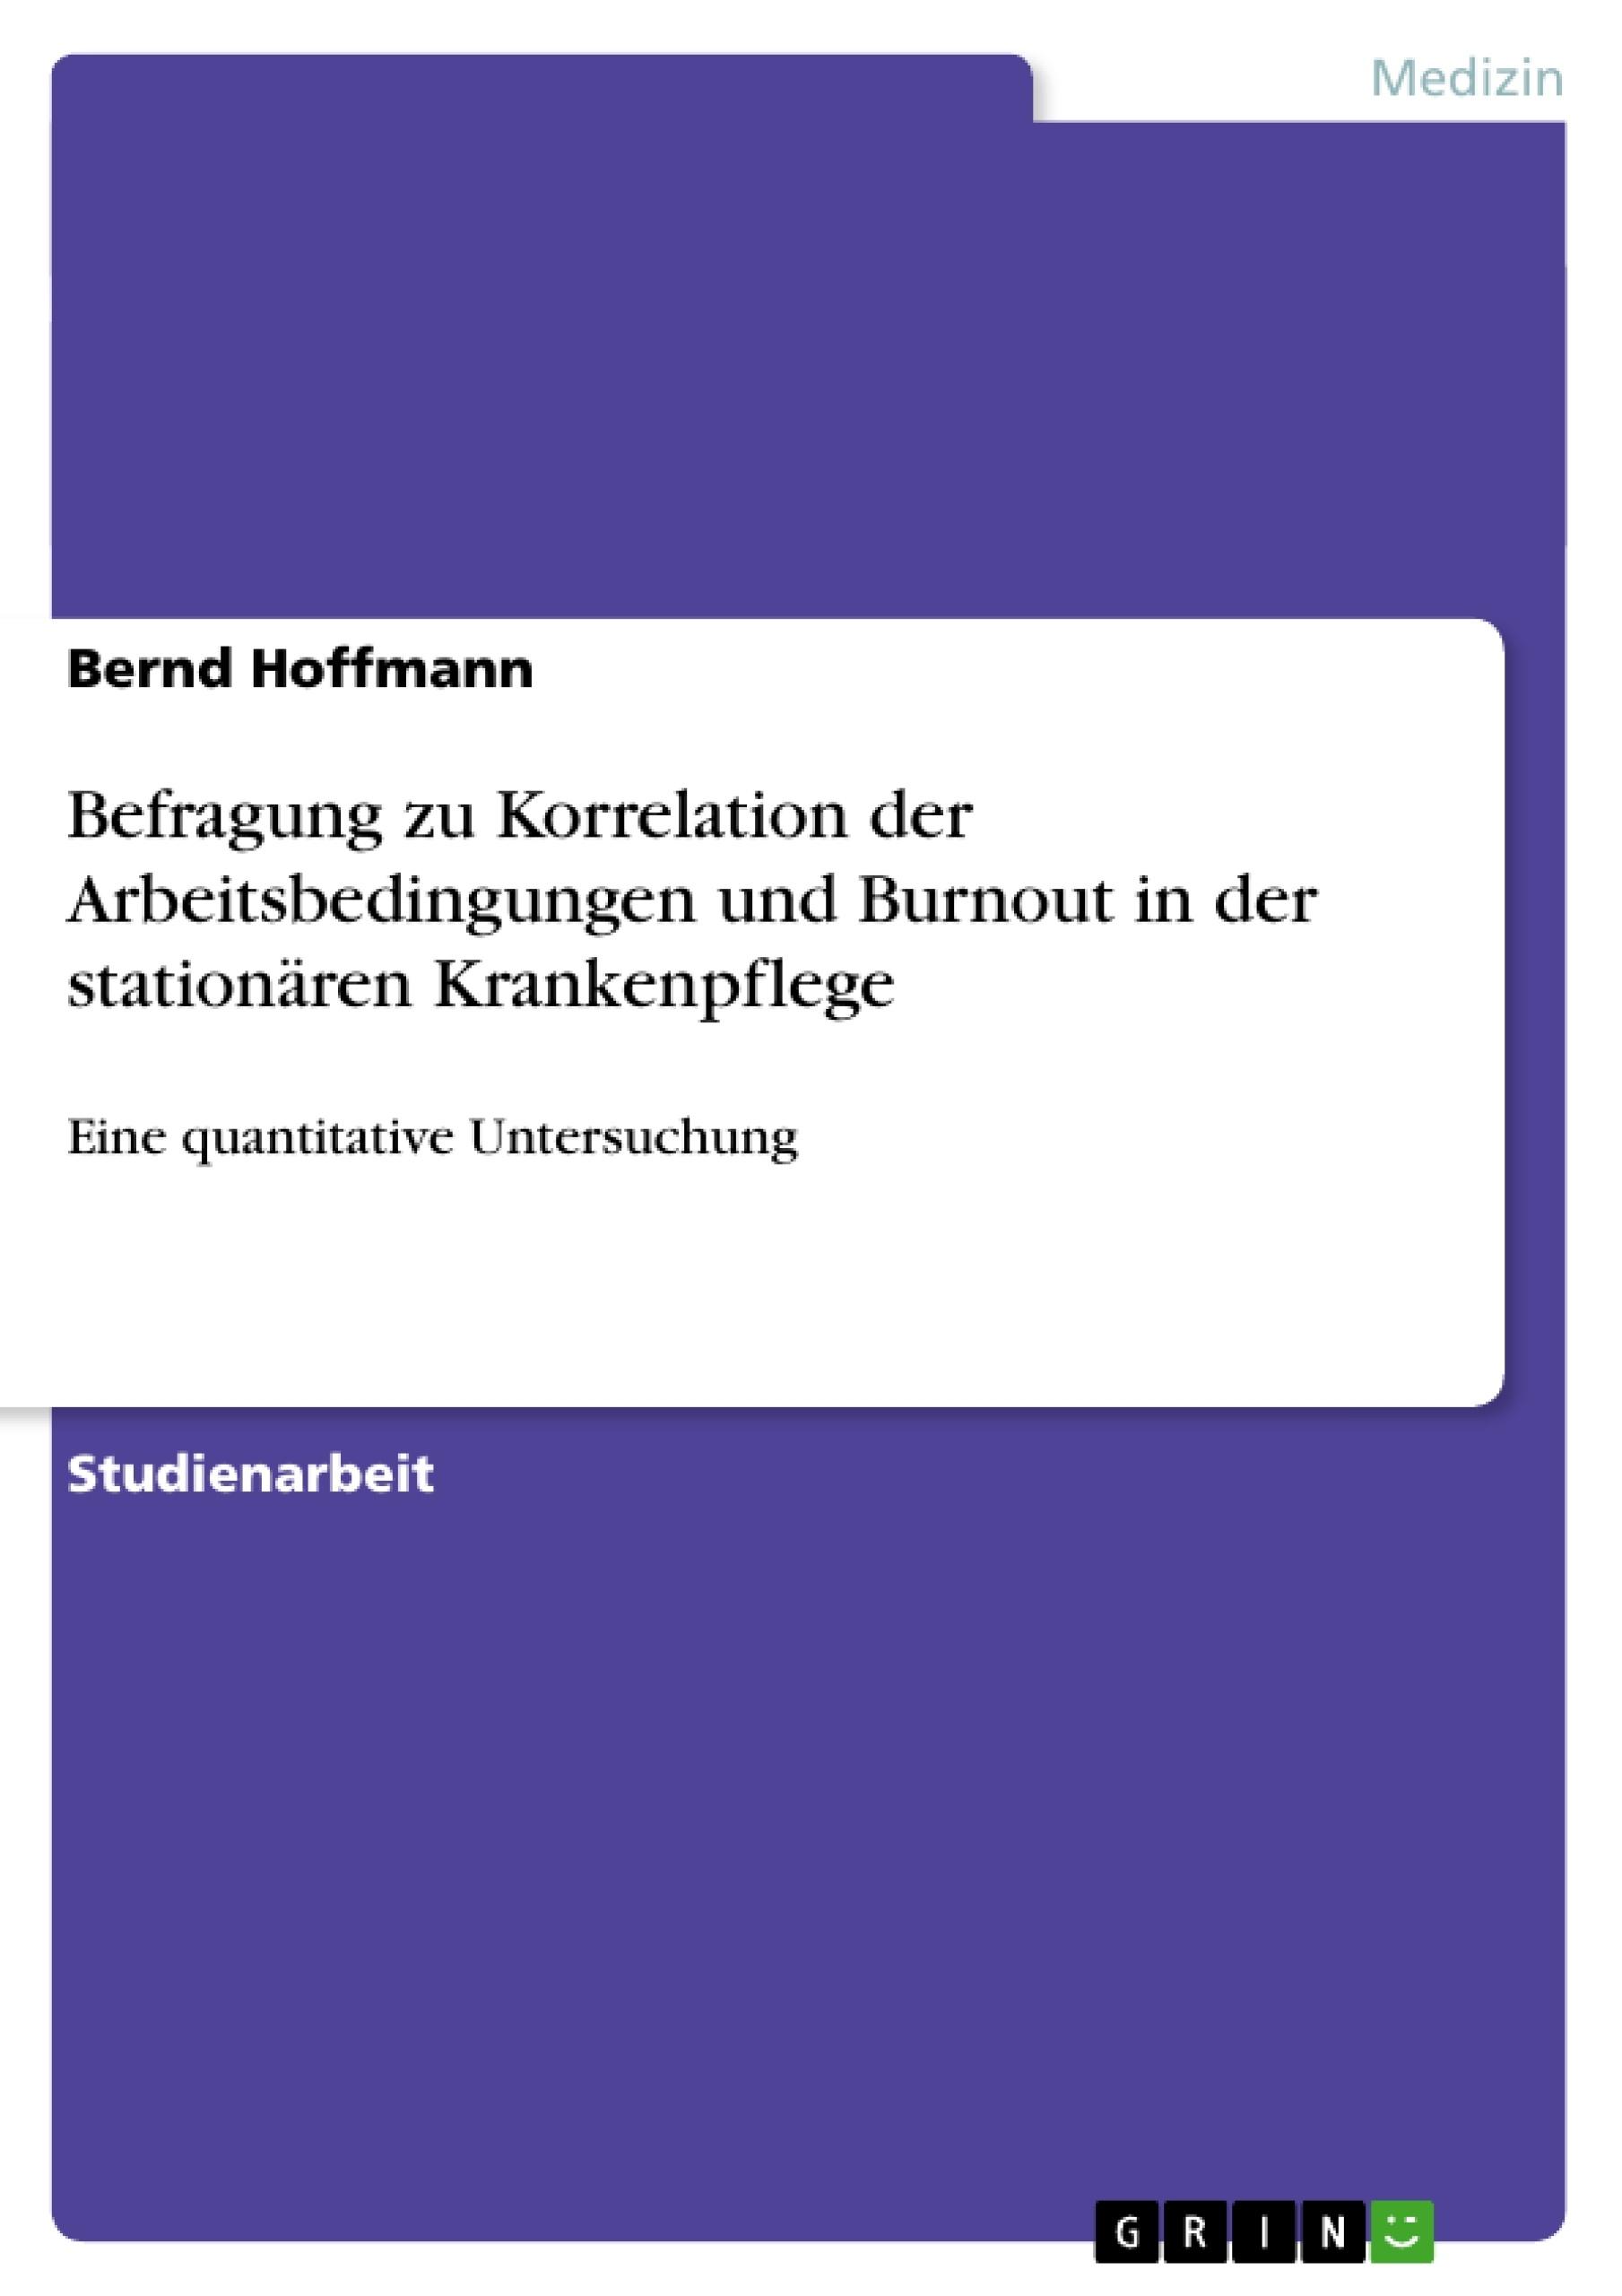 Titel: Befragung zu Korrelation der Arbeitsbedingungen und Burnout in der stationären Krankenpflege